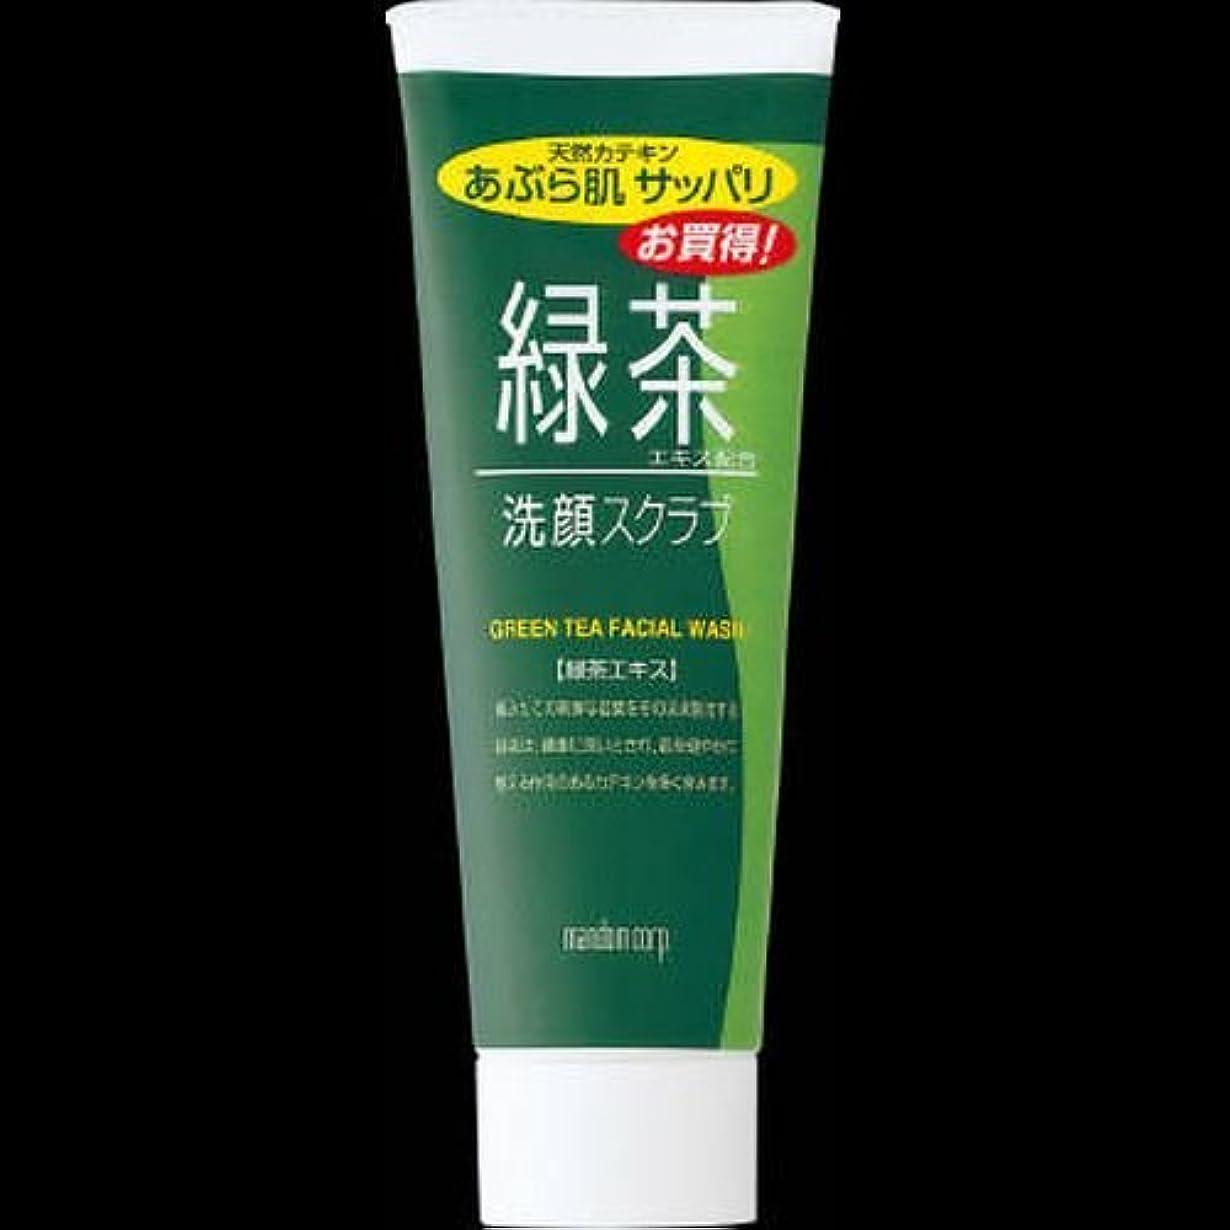 パウダー虎みなさん【まとめ買い】マンダム 緑茶洗顔スクラブ100g ×2セット